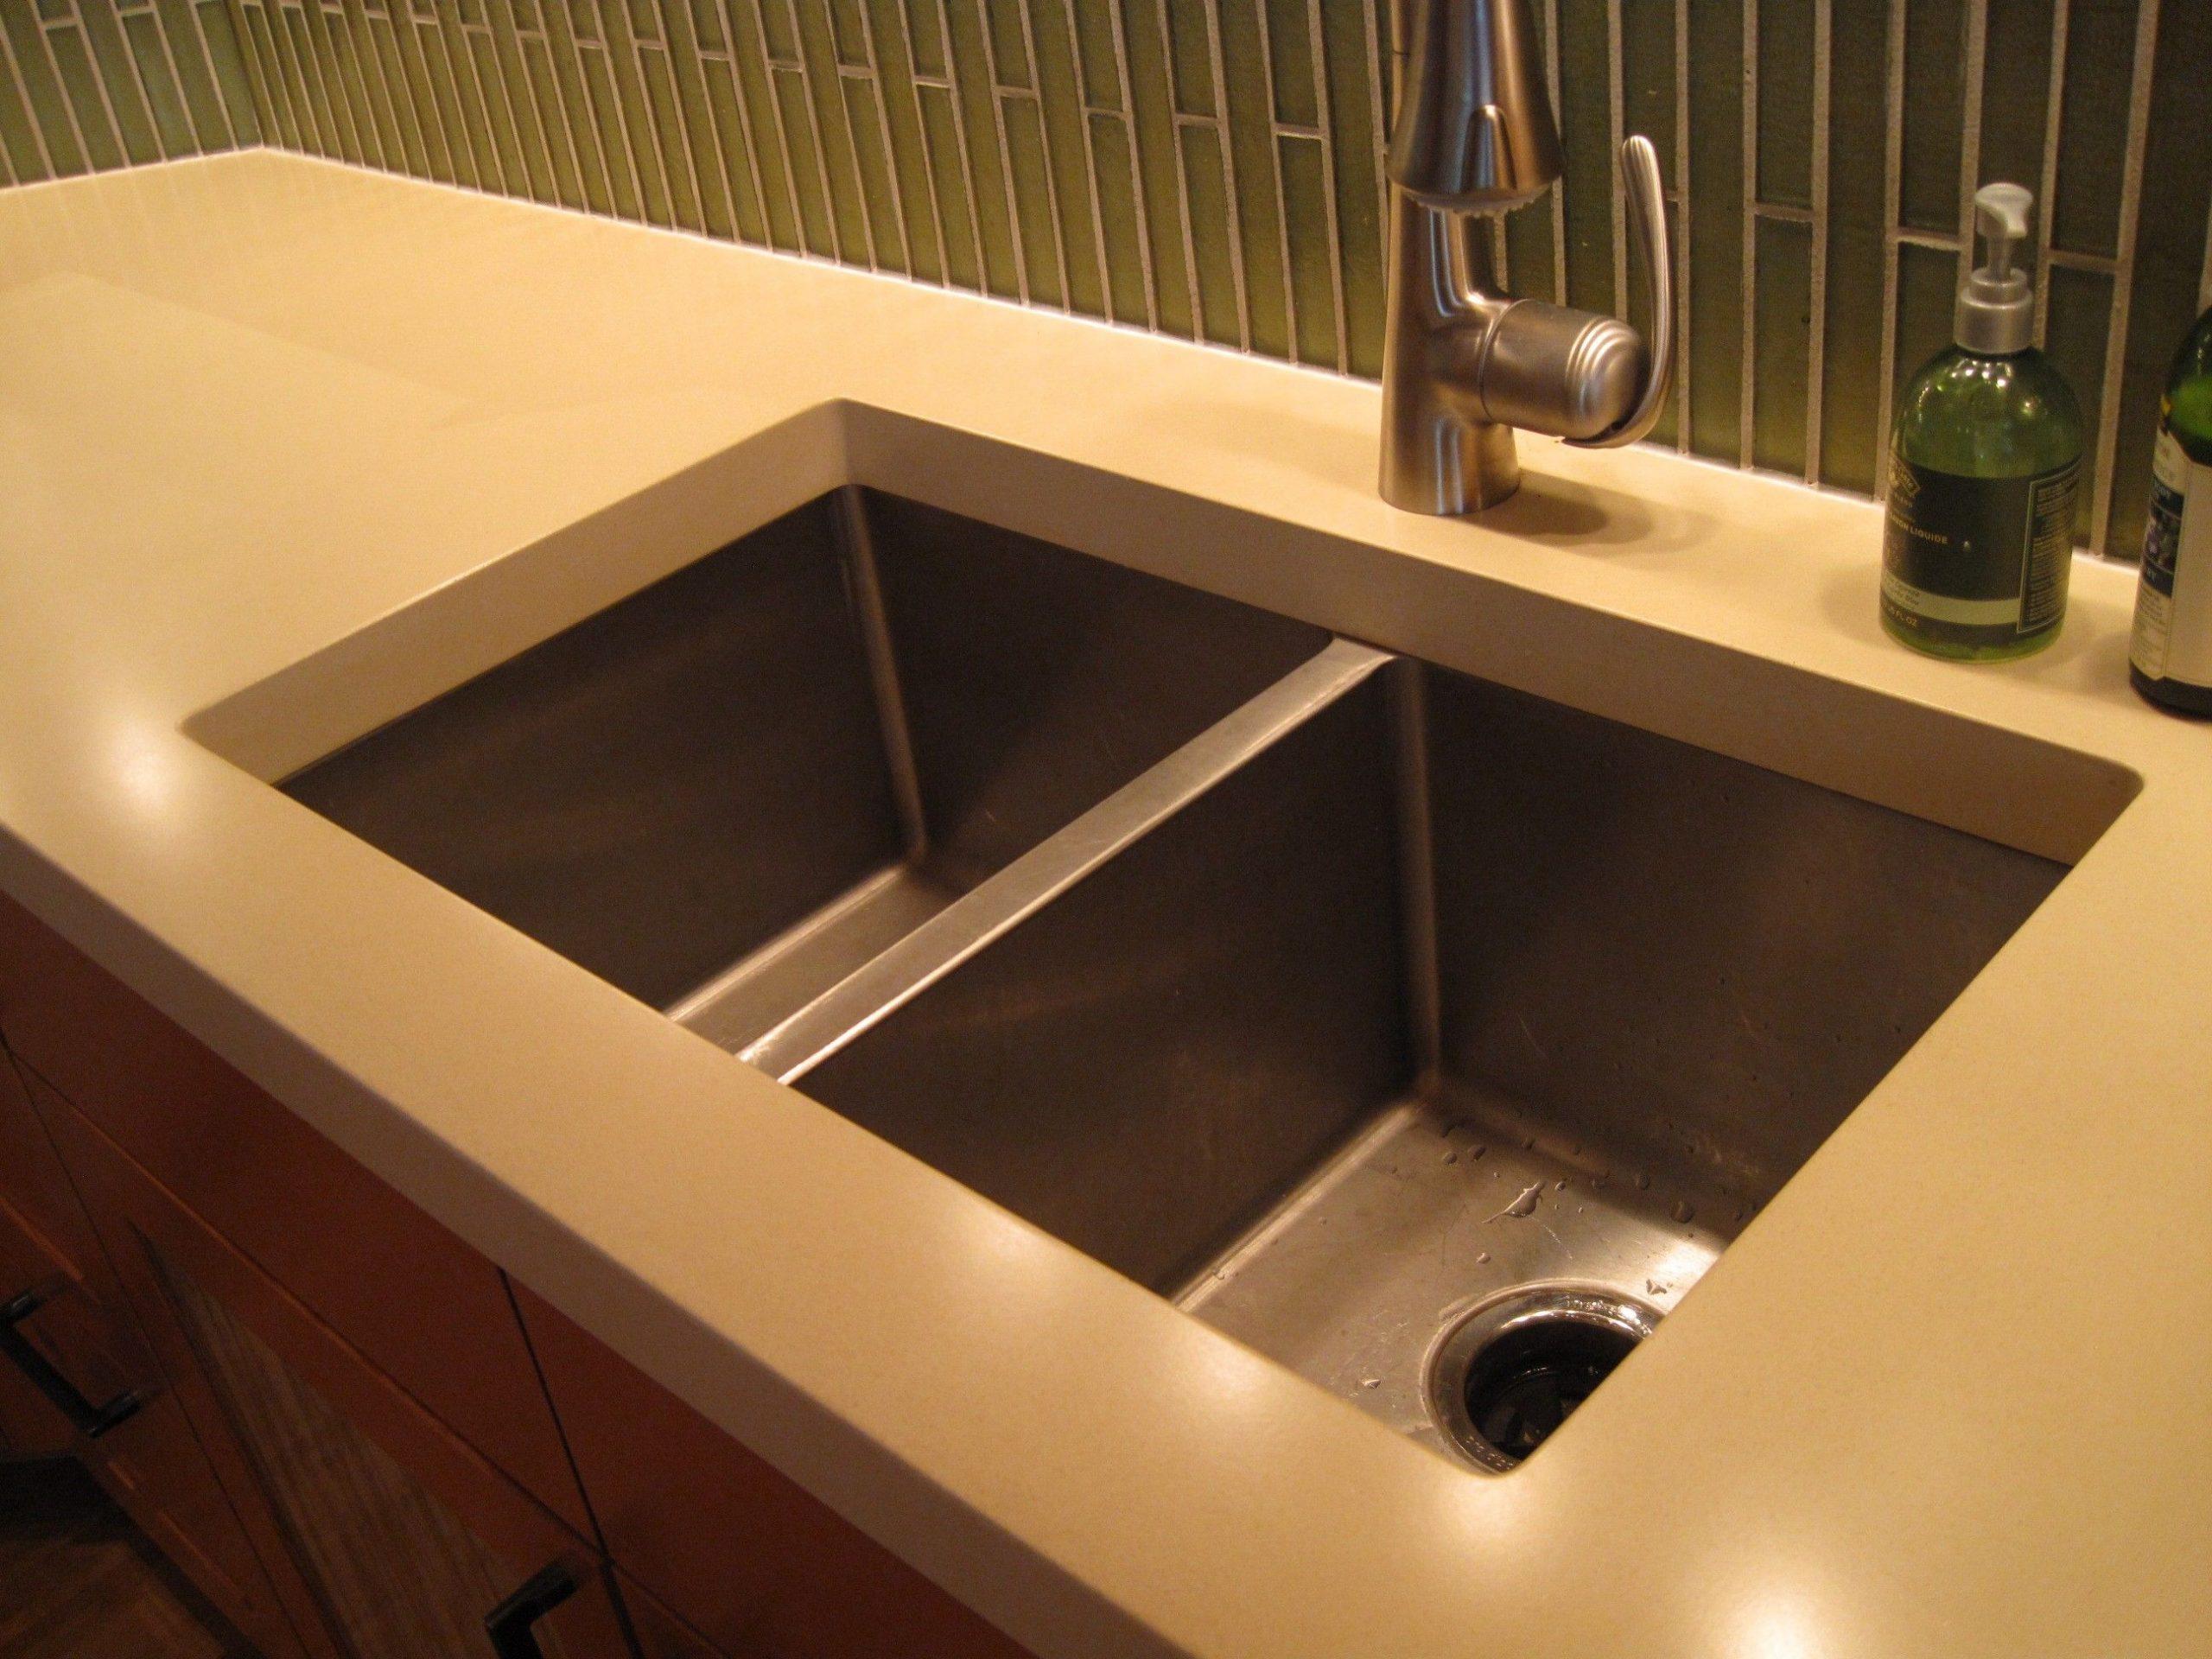 Full Size of Unterschrank Spüle Küche Keramik Spüle Küche Spüle Küche Hagebaumarkt Spüle Küche Wasser Läuft Nicht Ab Küche Spüle Küche